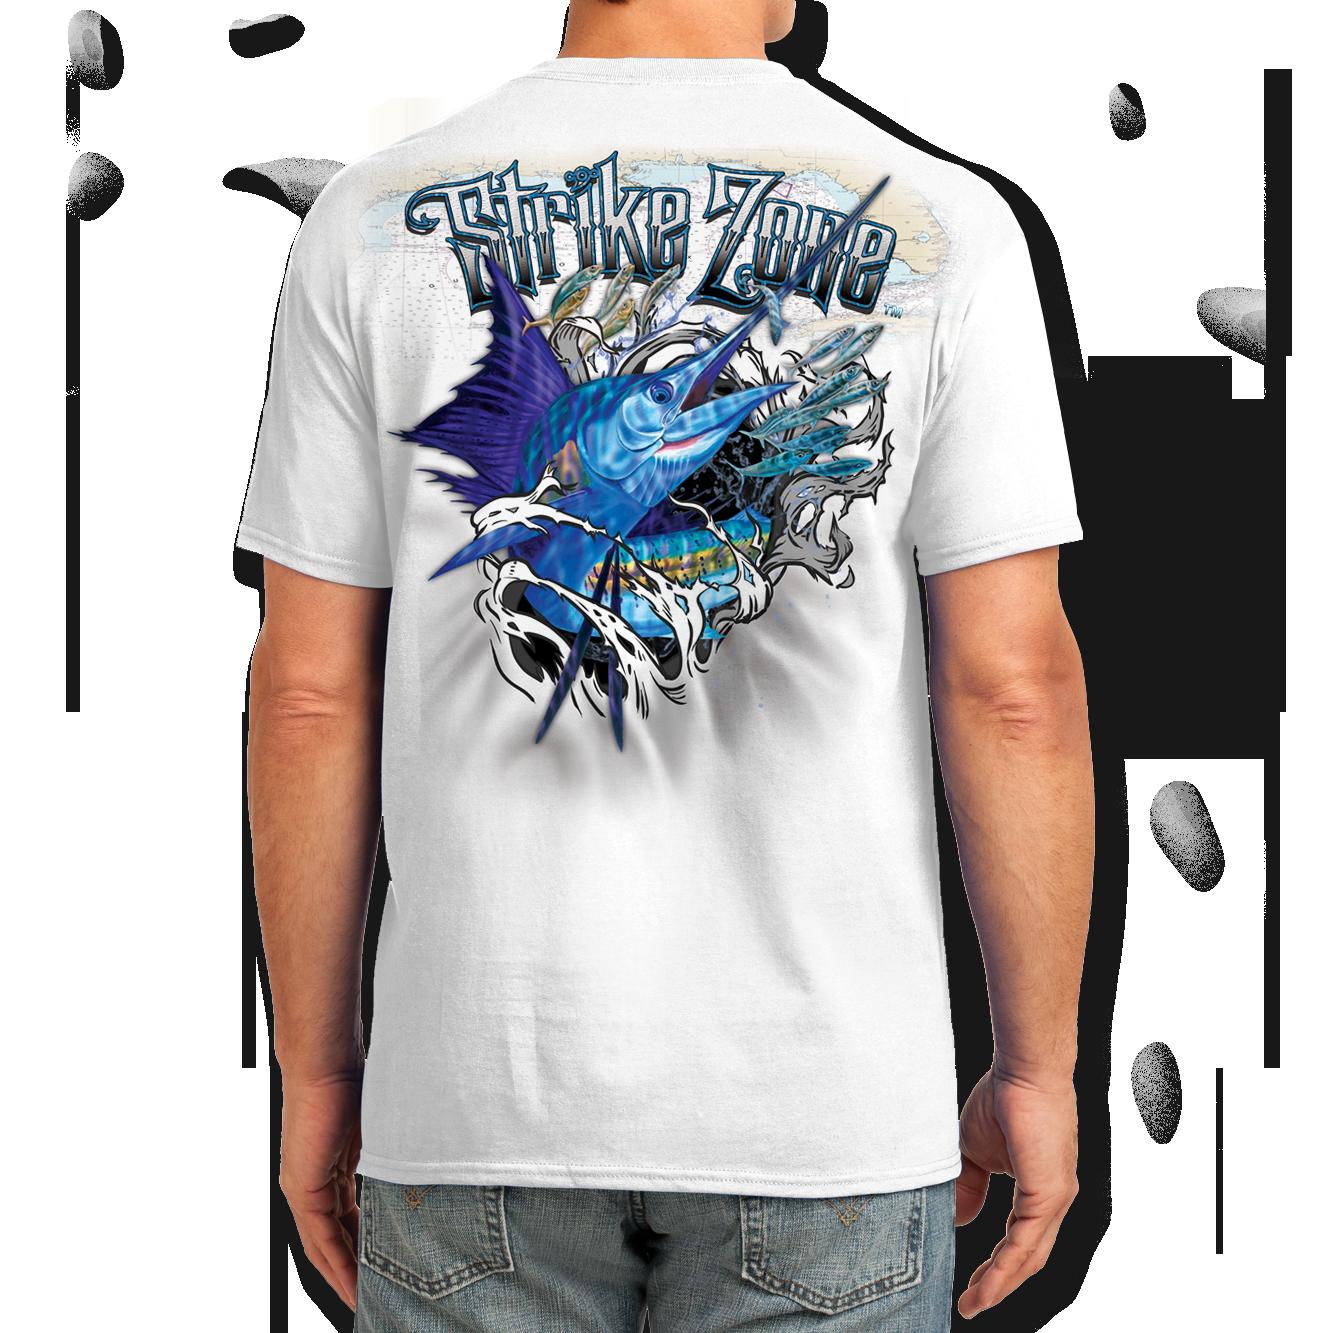 t-shirt-short-sleeve-white-jason-mathias-art-sailfish.png